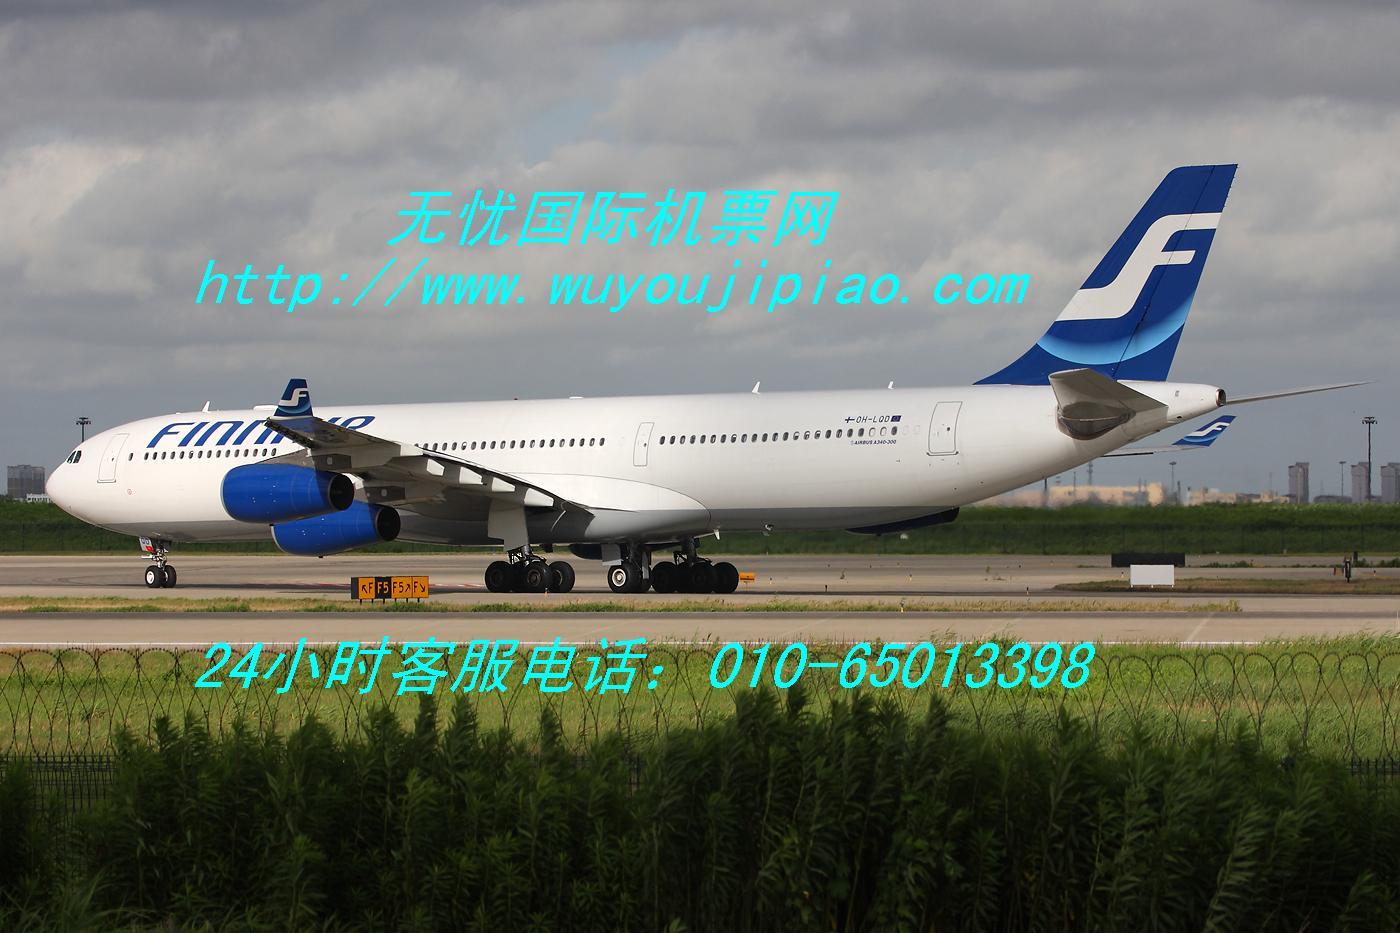 机票】【北京到爱丁堡特价机票】 留学生机票 头等舱机票 航班查询